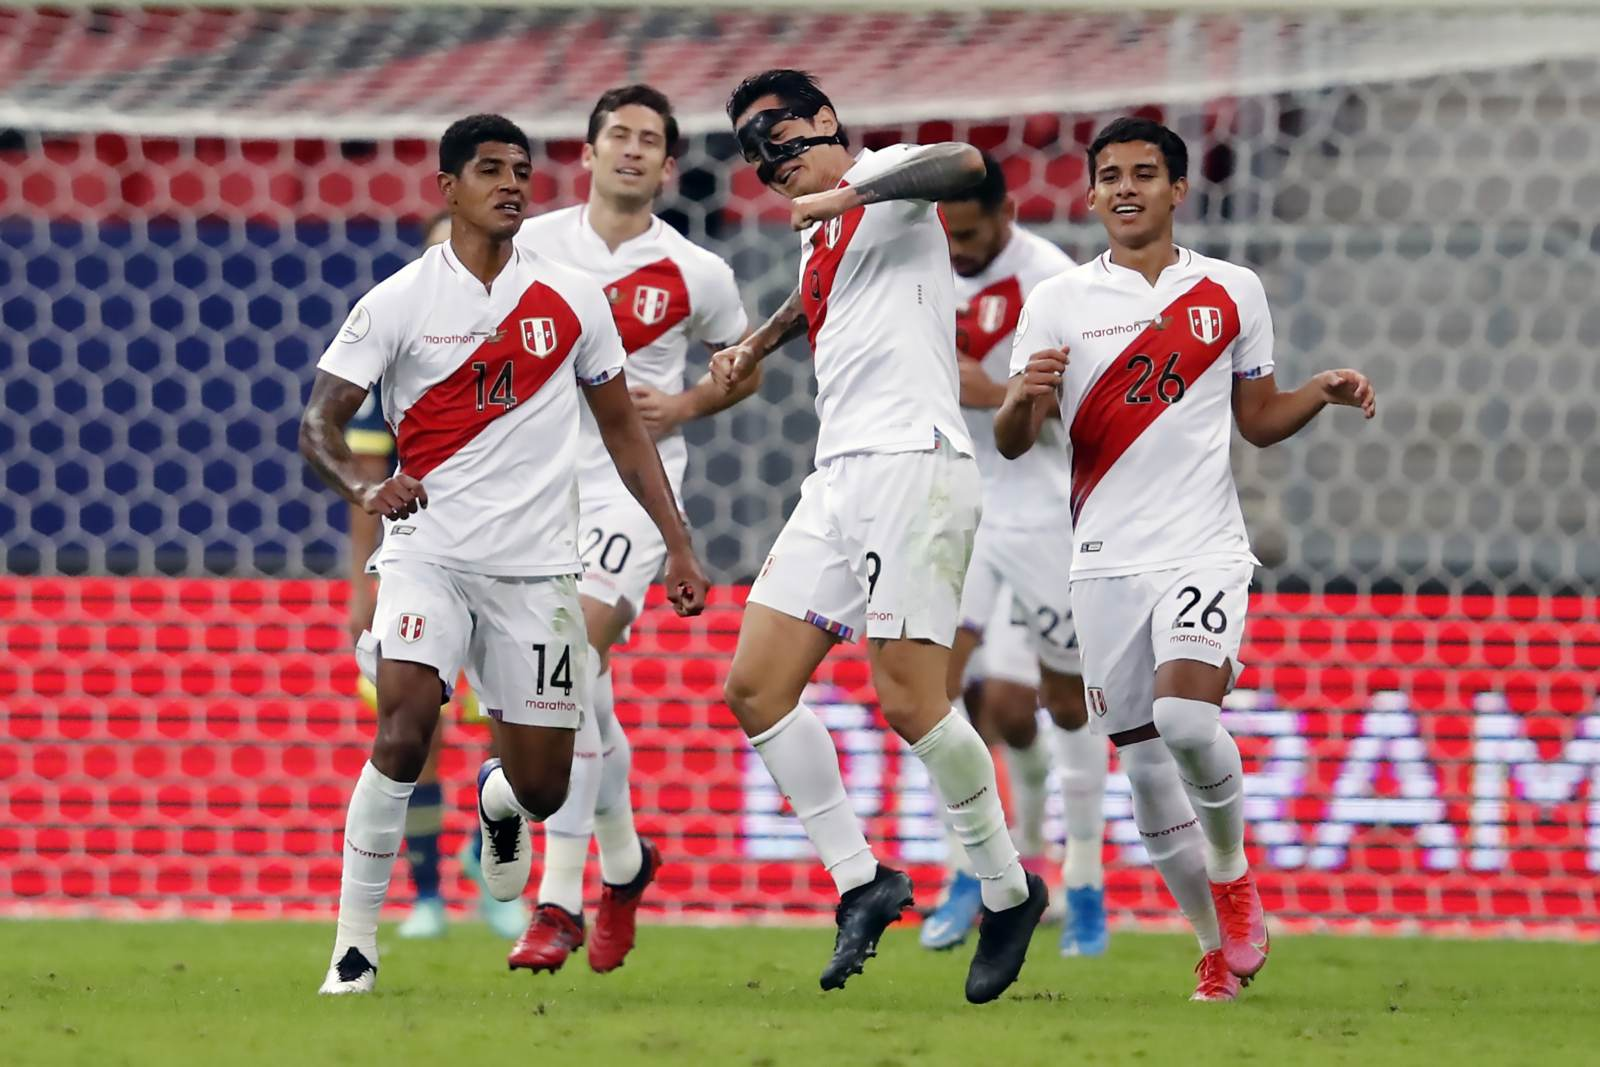 Боливия – Перу: прогноз на матч отборочного цикла чемпионата мира-2022 - 10 октября 2021